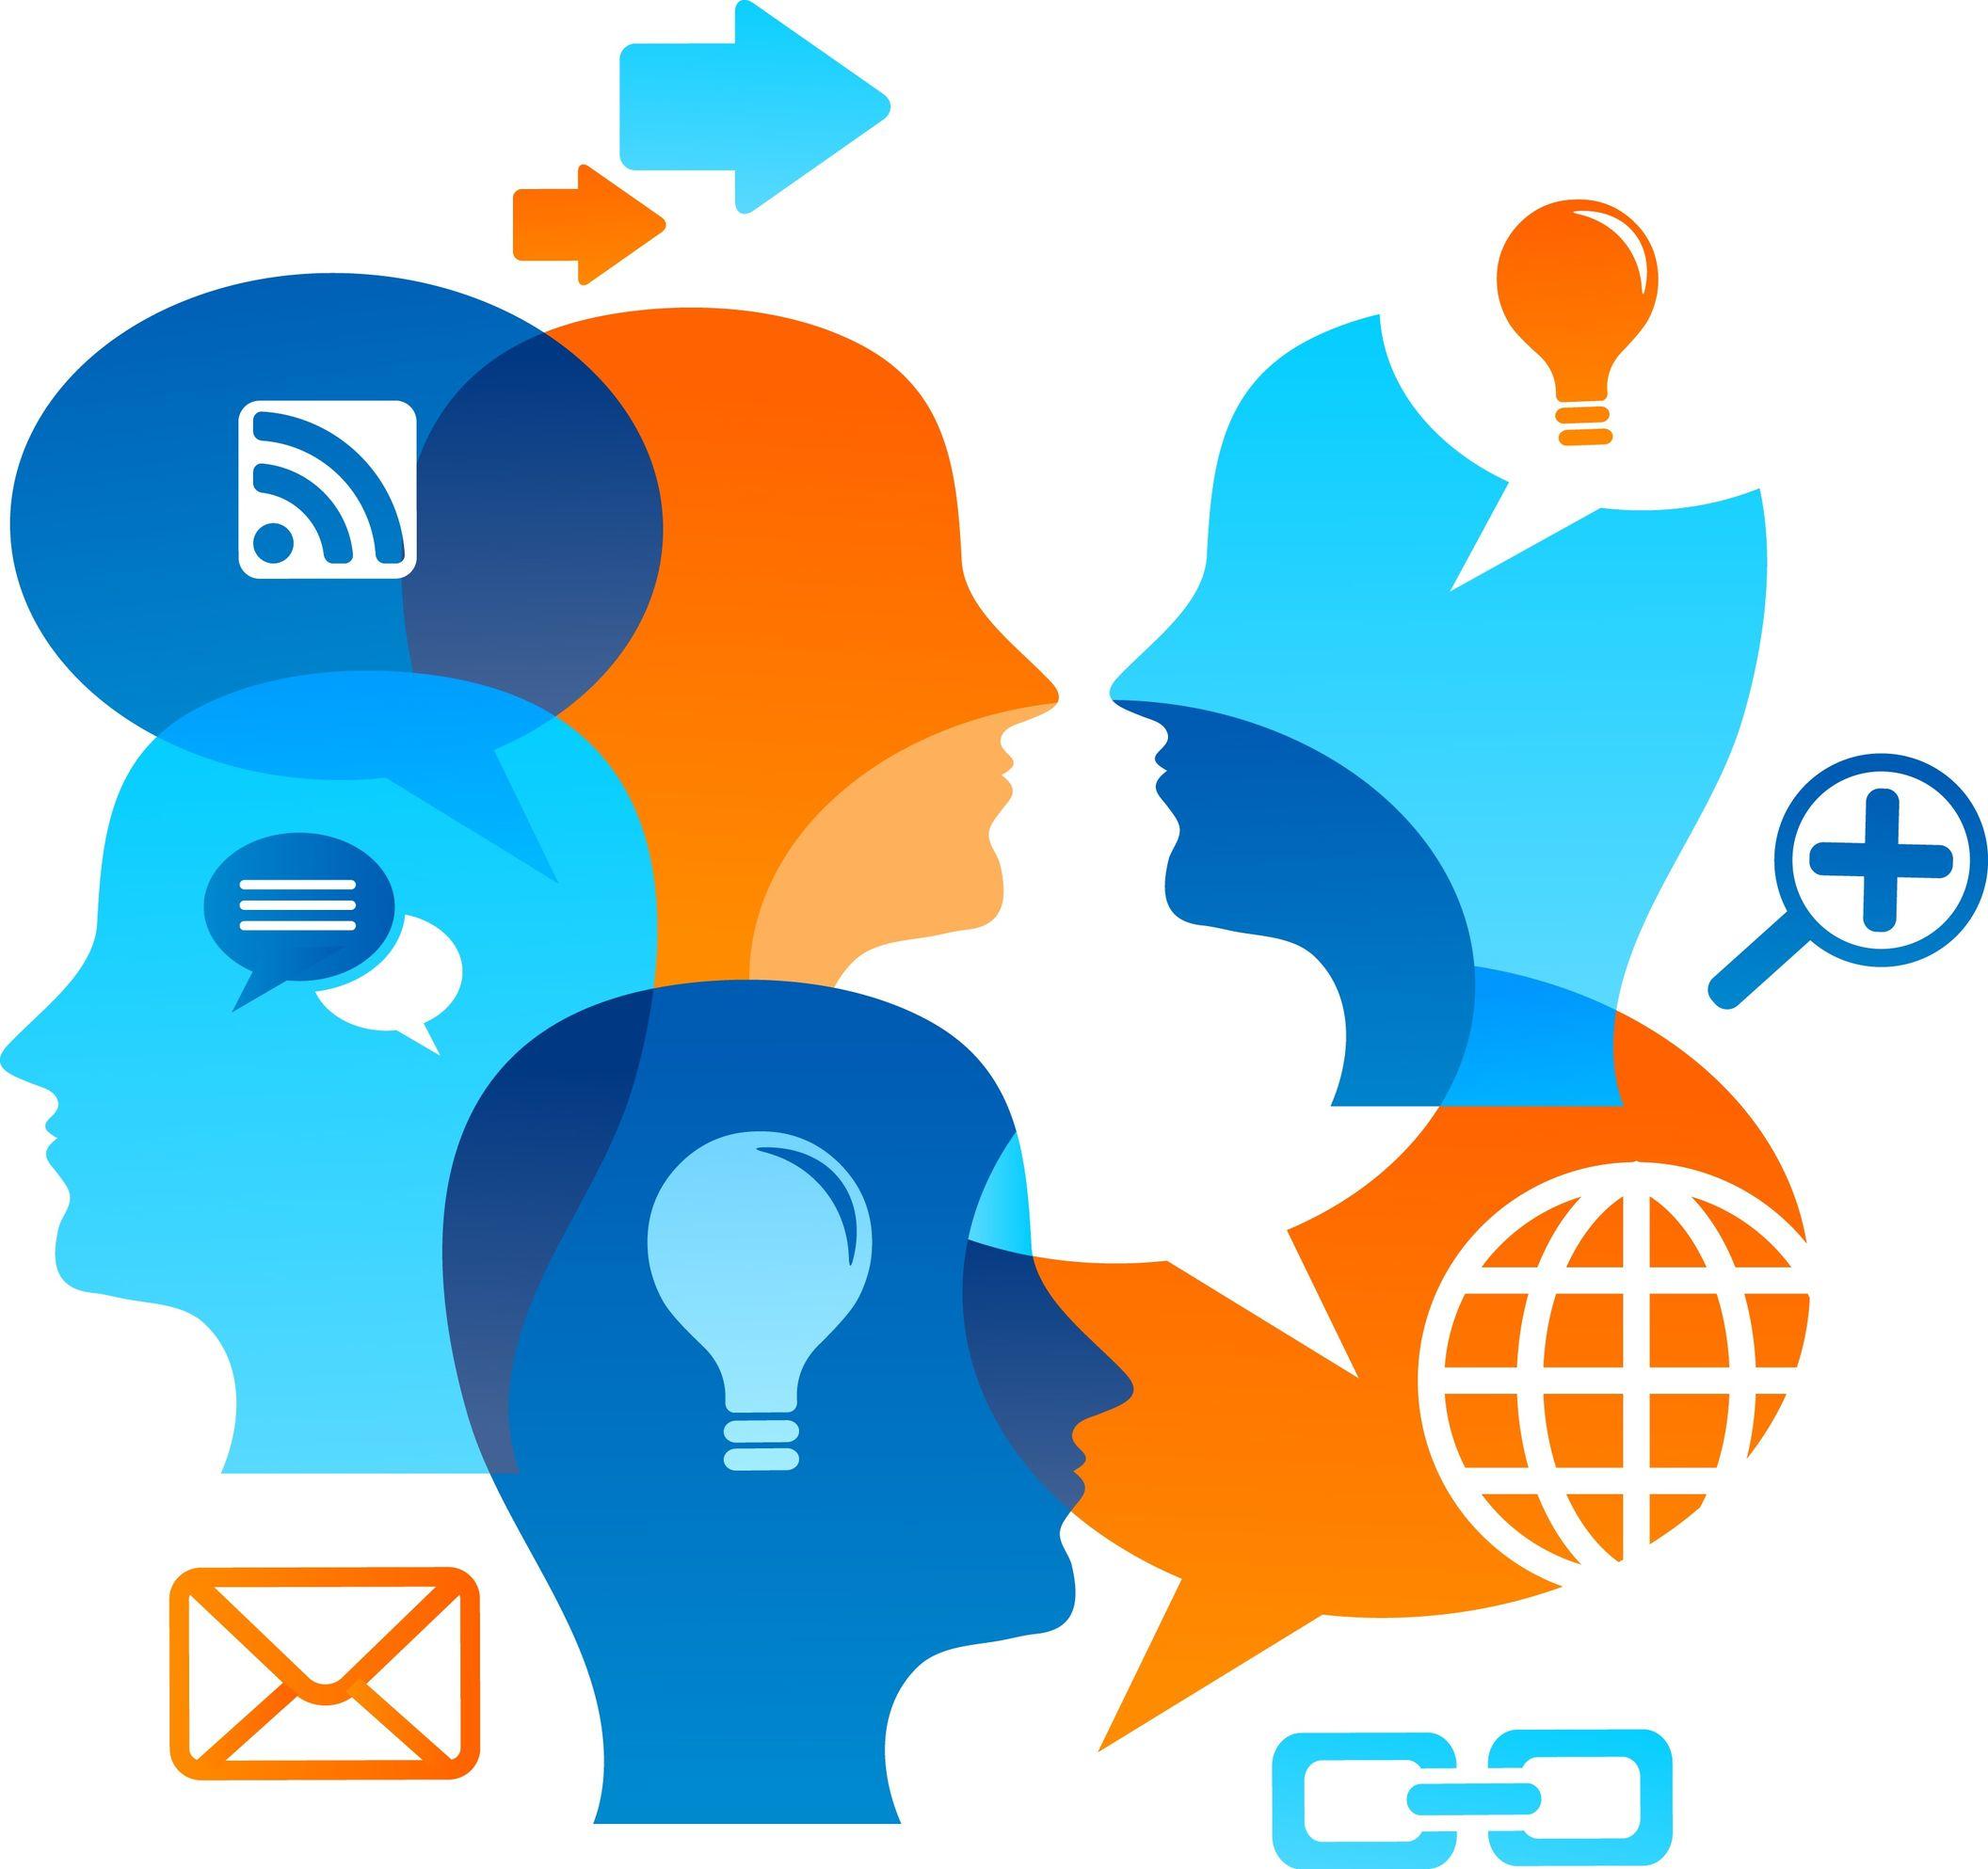 Desarrollo de intranet dise o aplicaciones costo y for Idee innovation entreprise